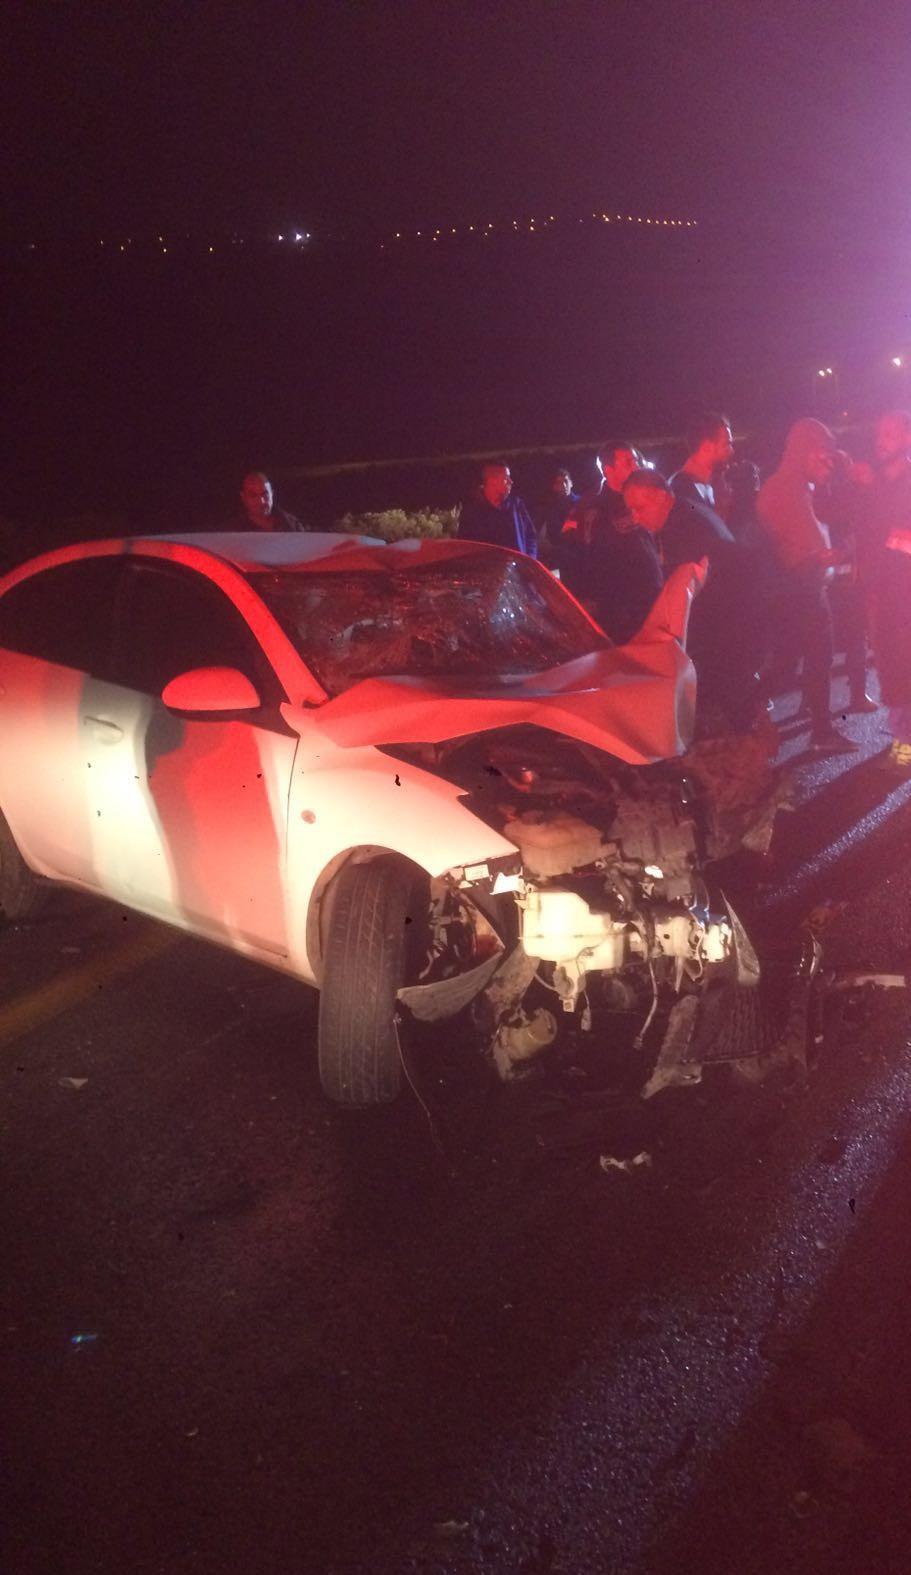 اصابة اربعة اشخاص بحادث طرق مروع قرب كرمئيل